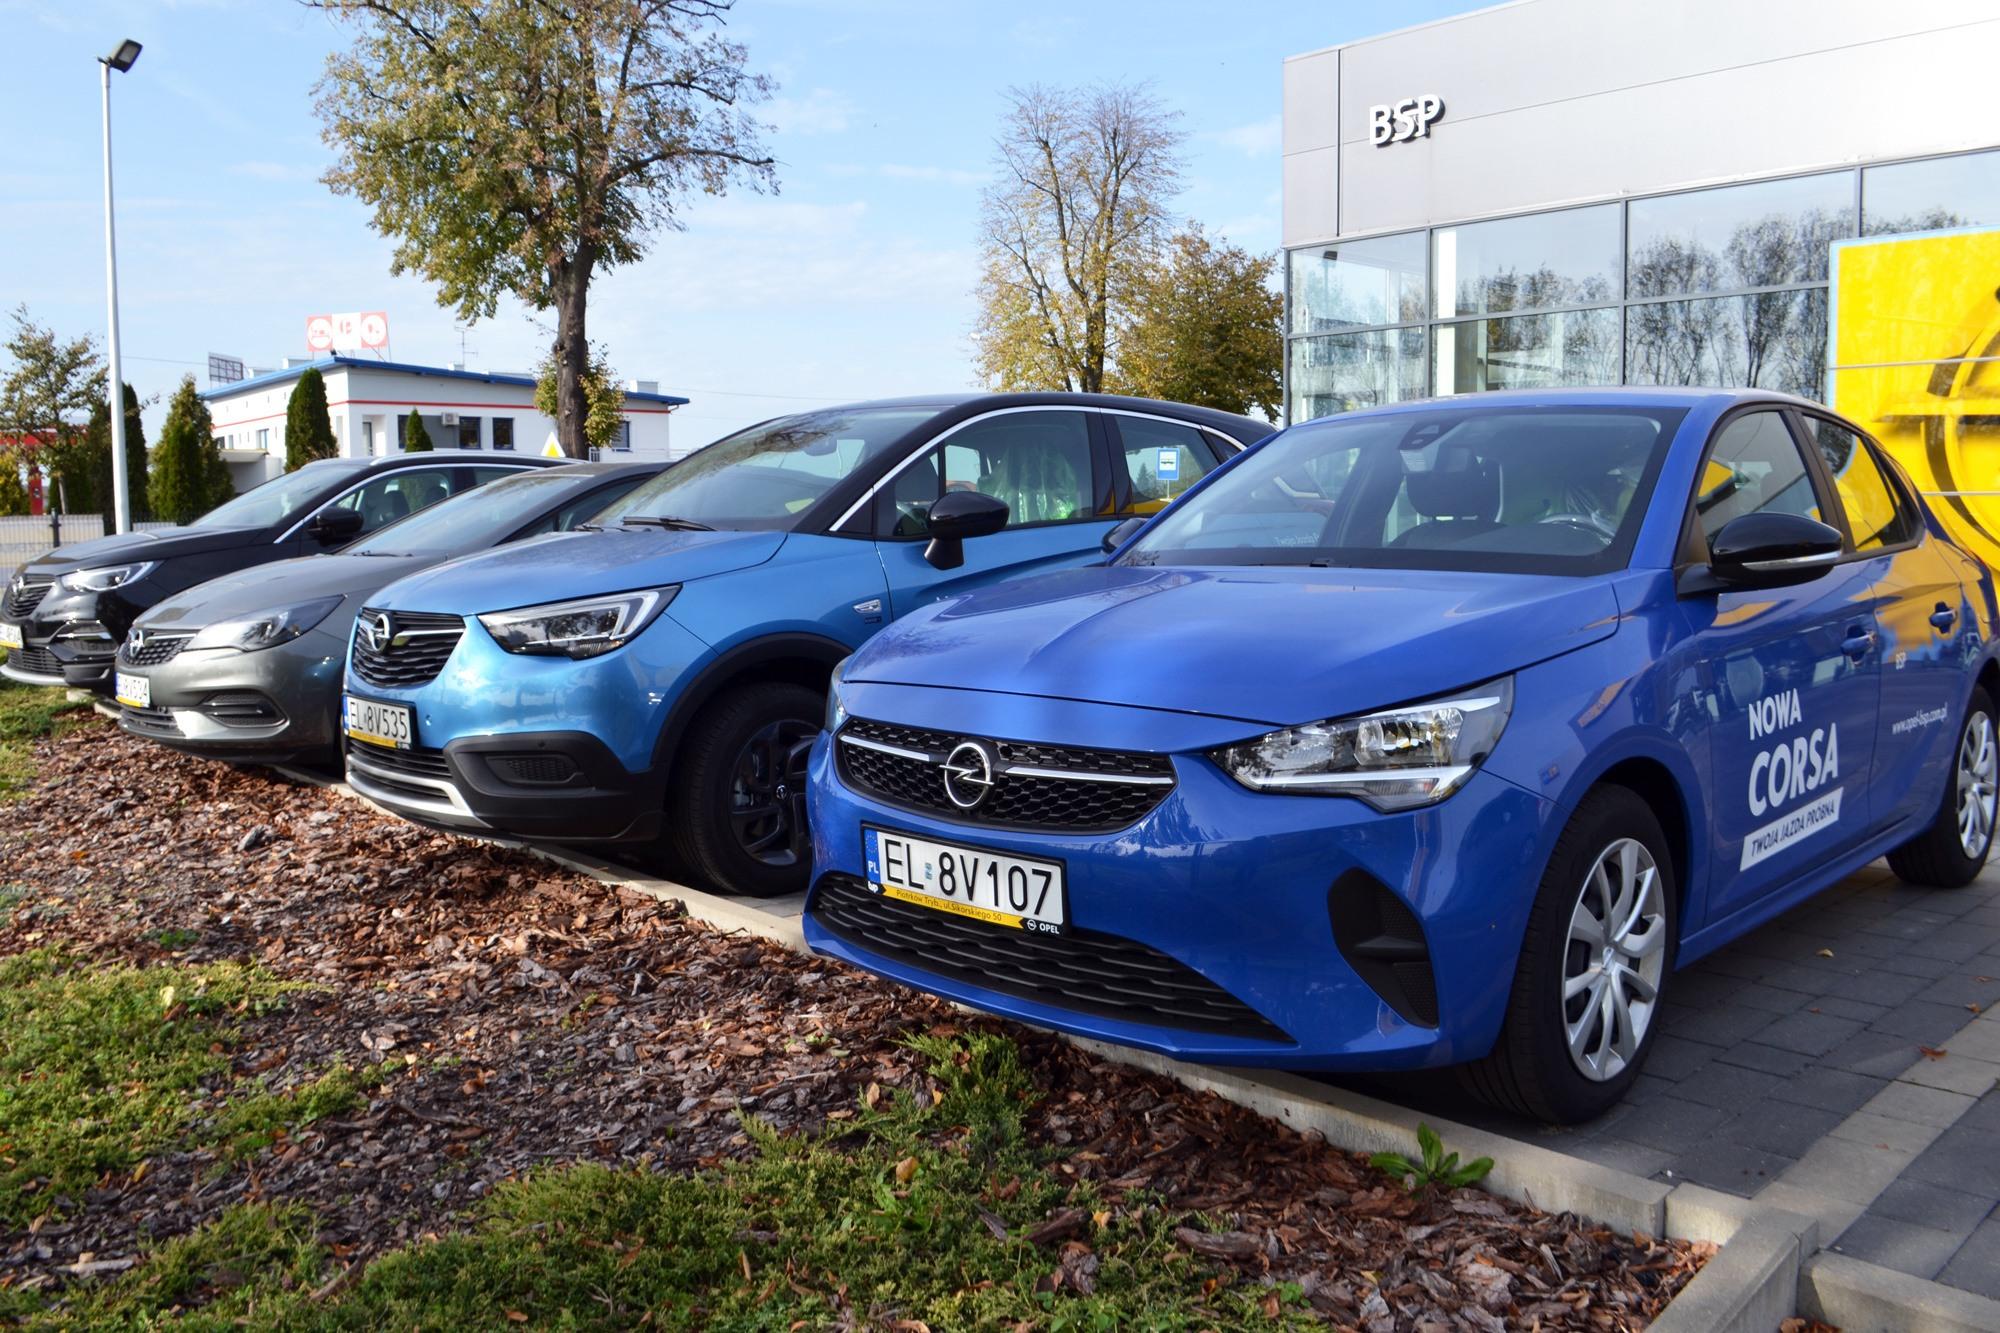 Samochody demonstracyjne Opel Corsa Crossland, salon BSP Piotrków